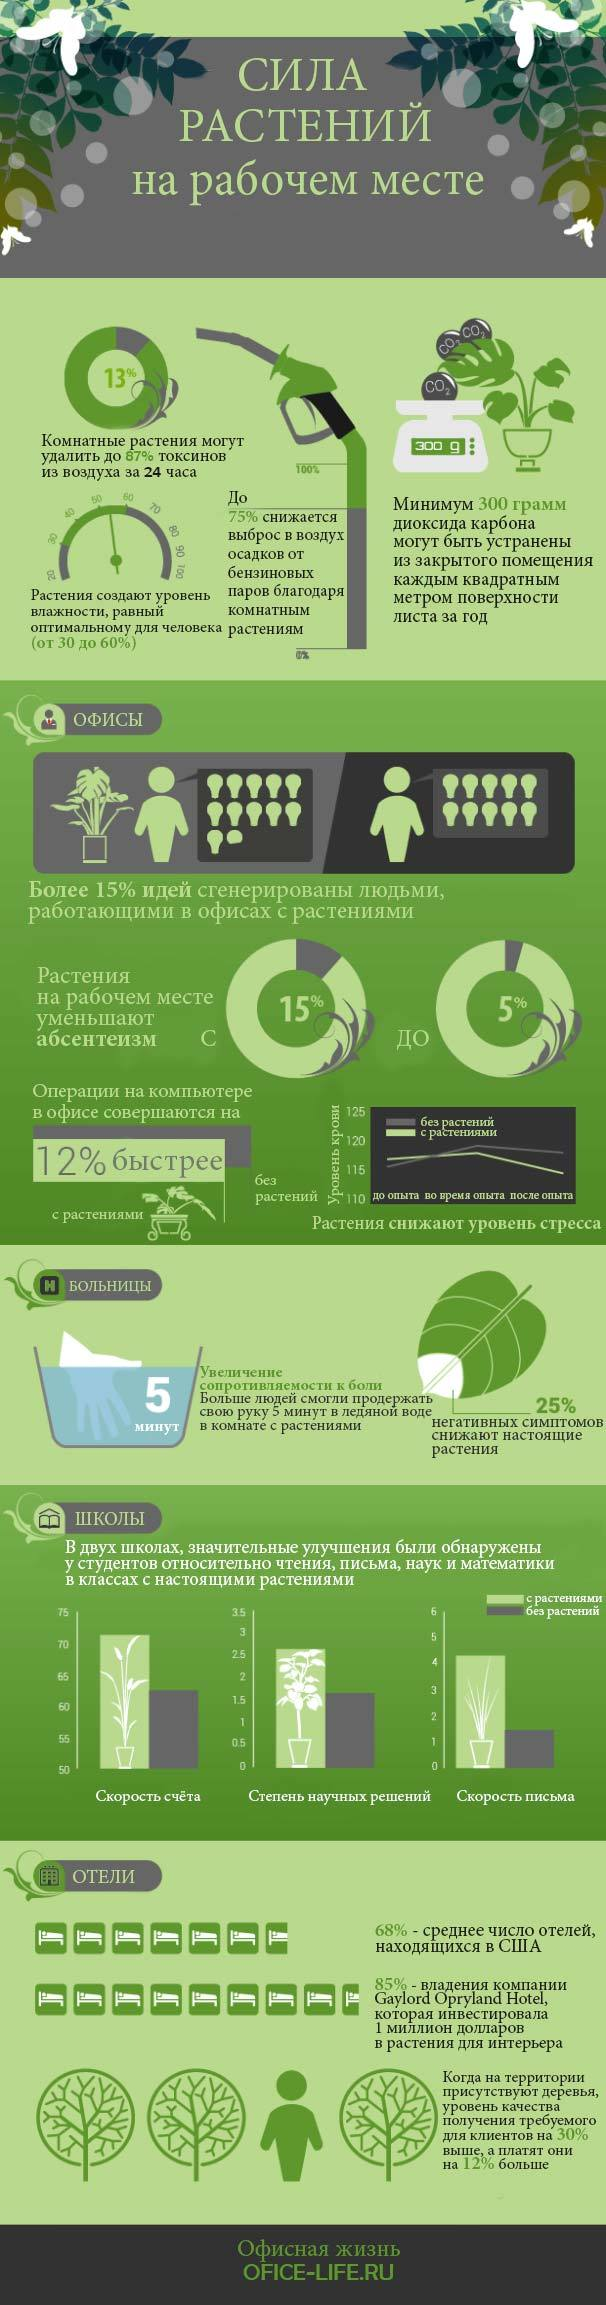 Сила растений на рабочем месте